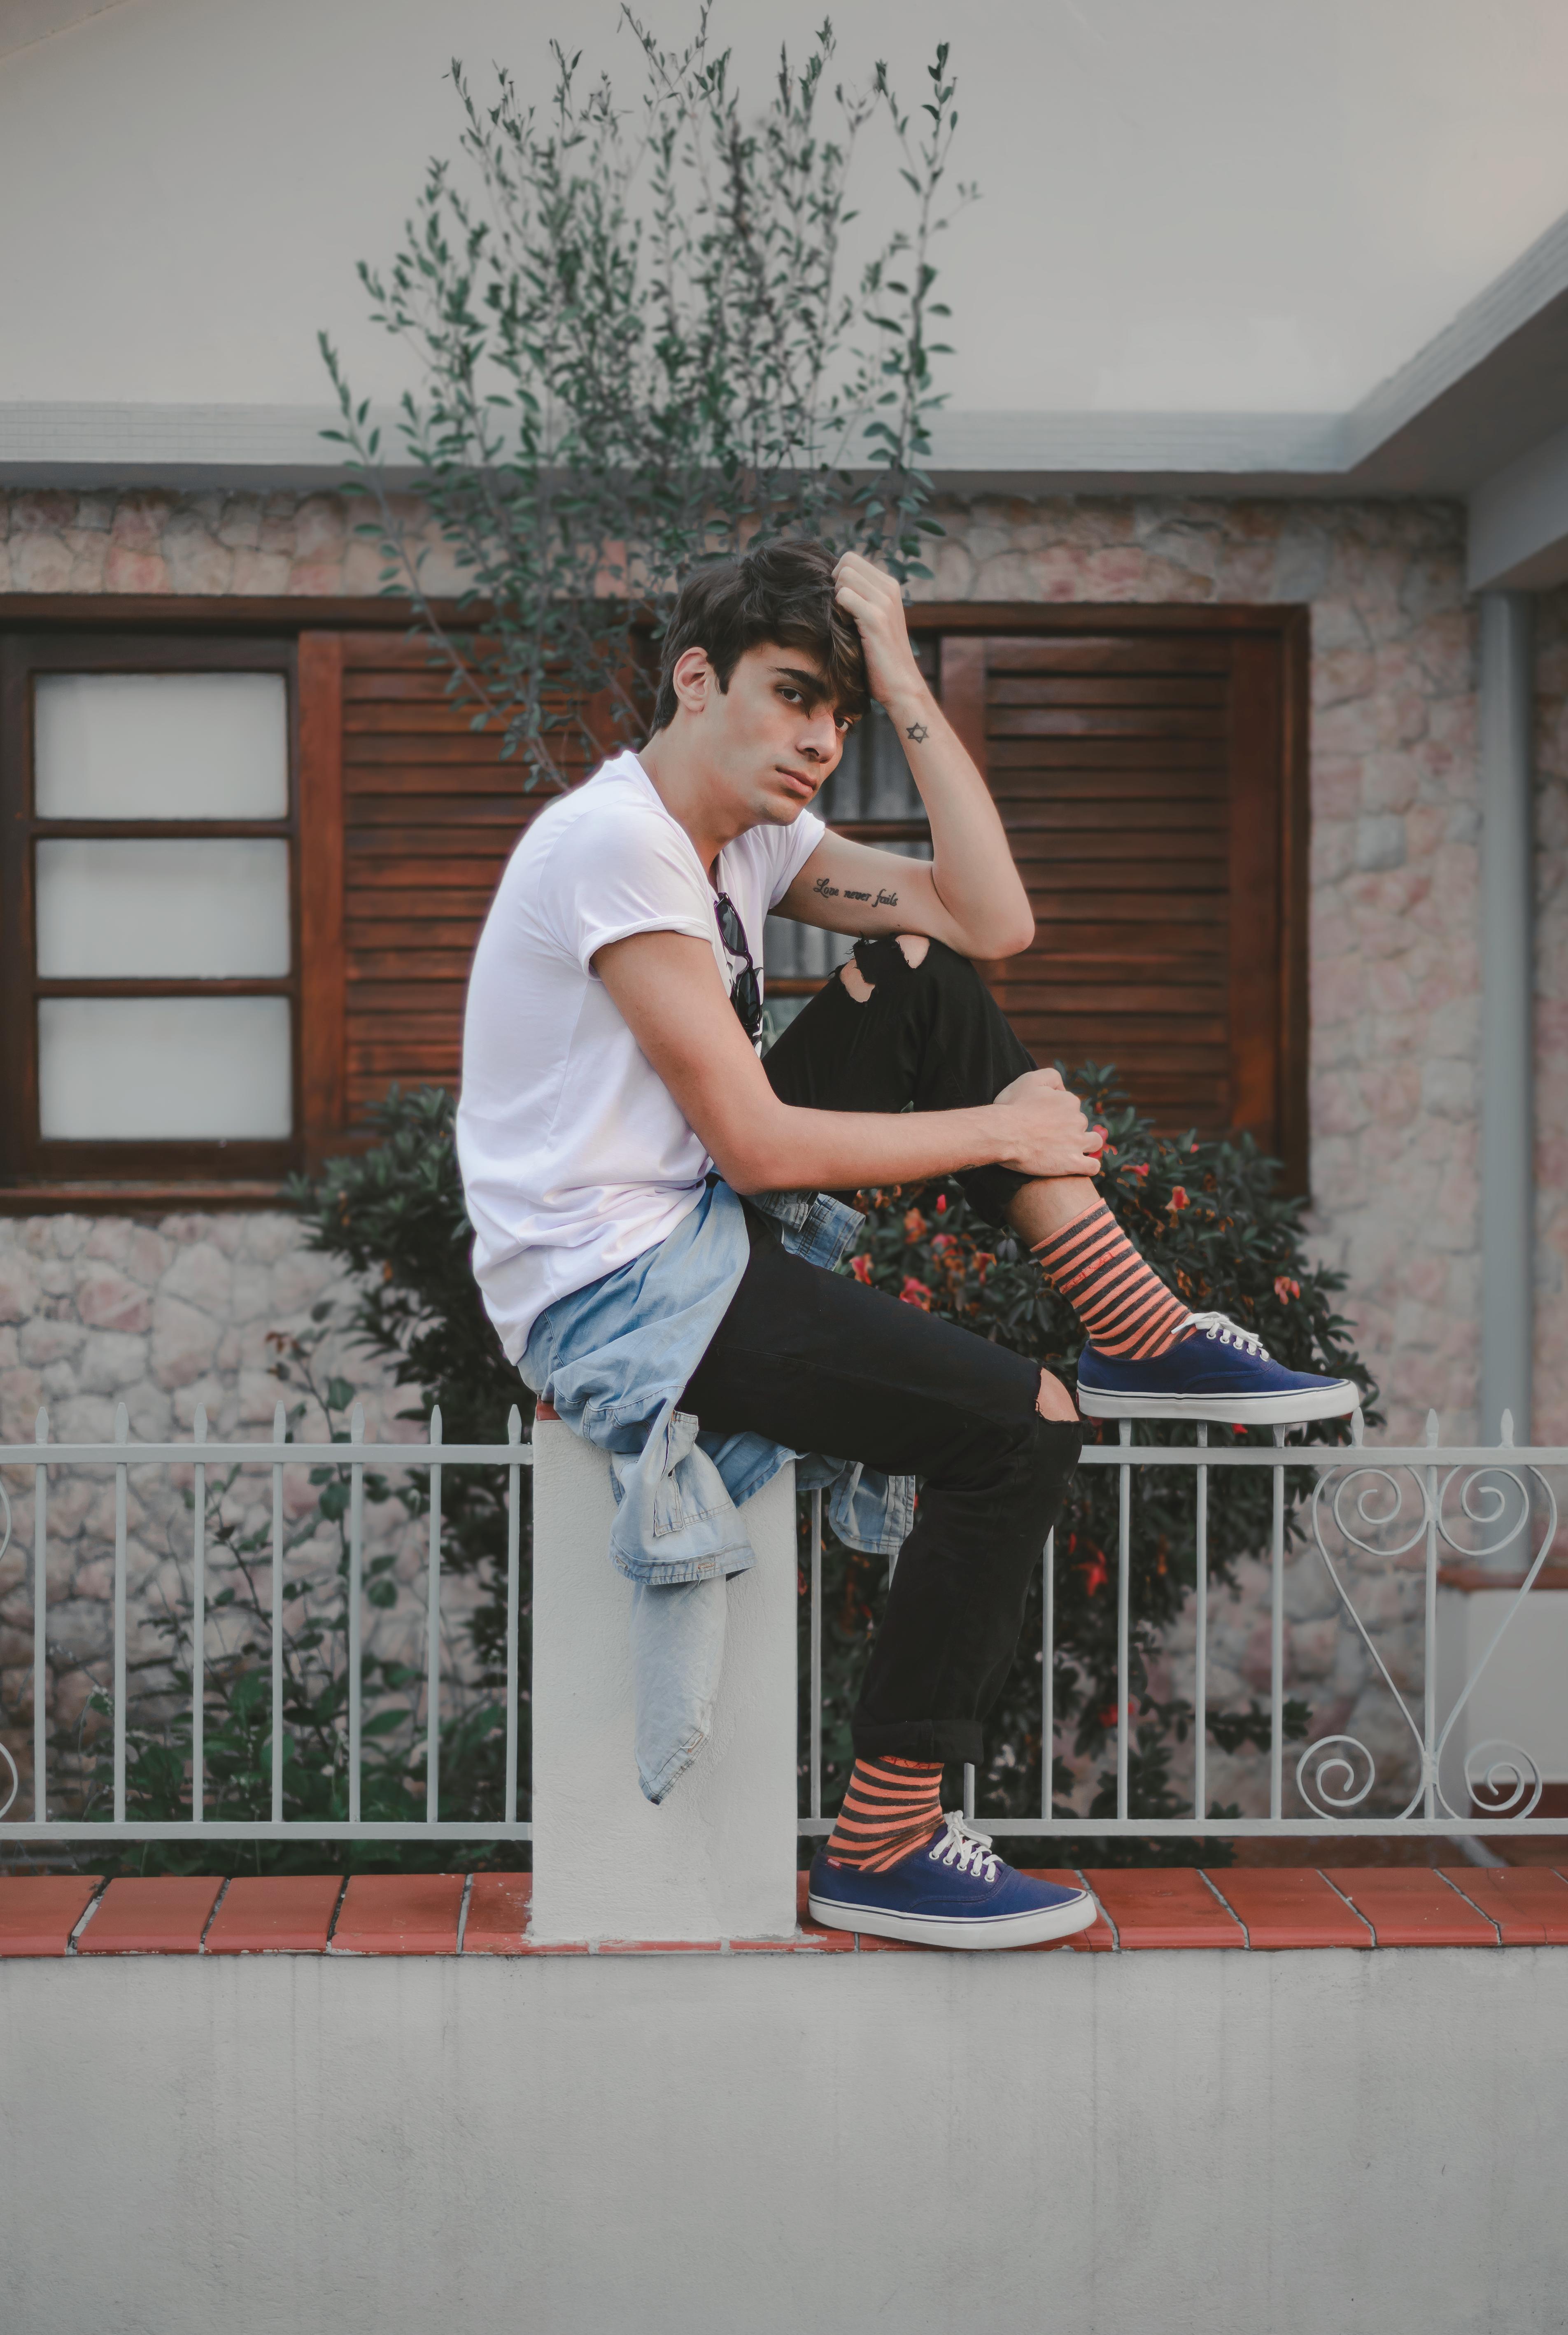 alex-cursino-rafaella-santiago-matheus-komatsu-shooting-editorial-de-moda-influencer-youtuber-blogueiro-de-moda-dicas-de-moda-como-ser-estiloso-anos-90-roupa-masculina-vogue-12